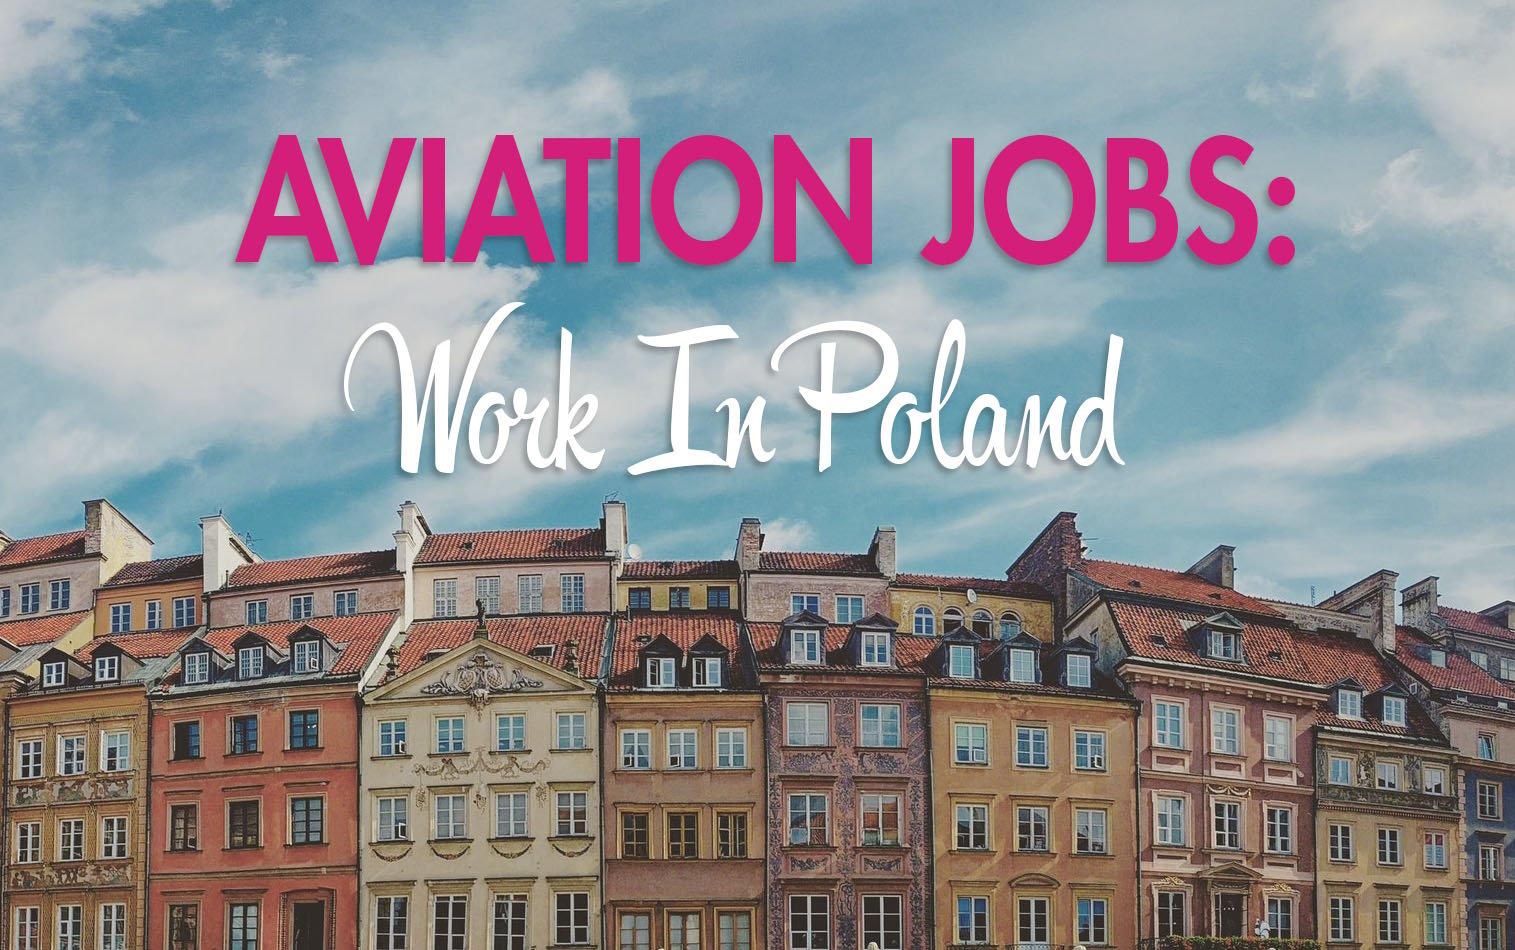 Aviation jobs- work in poland -1